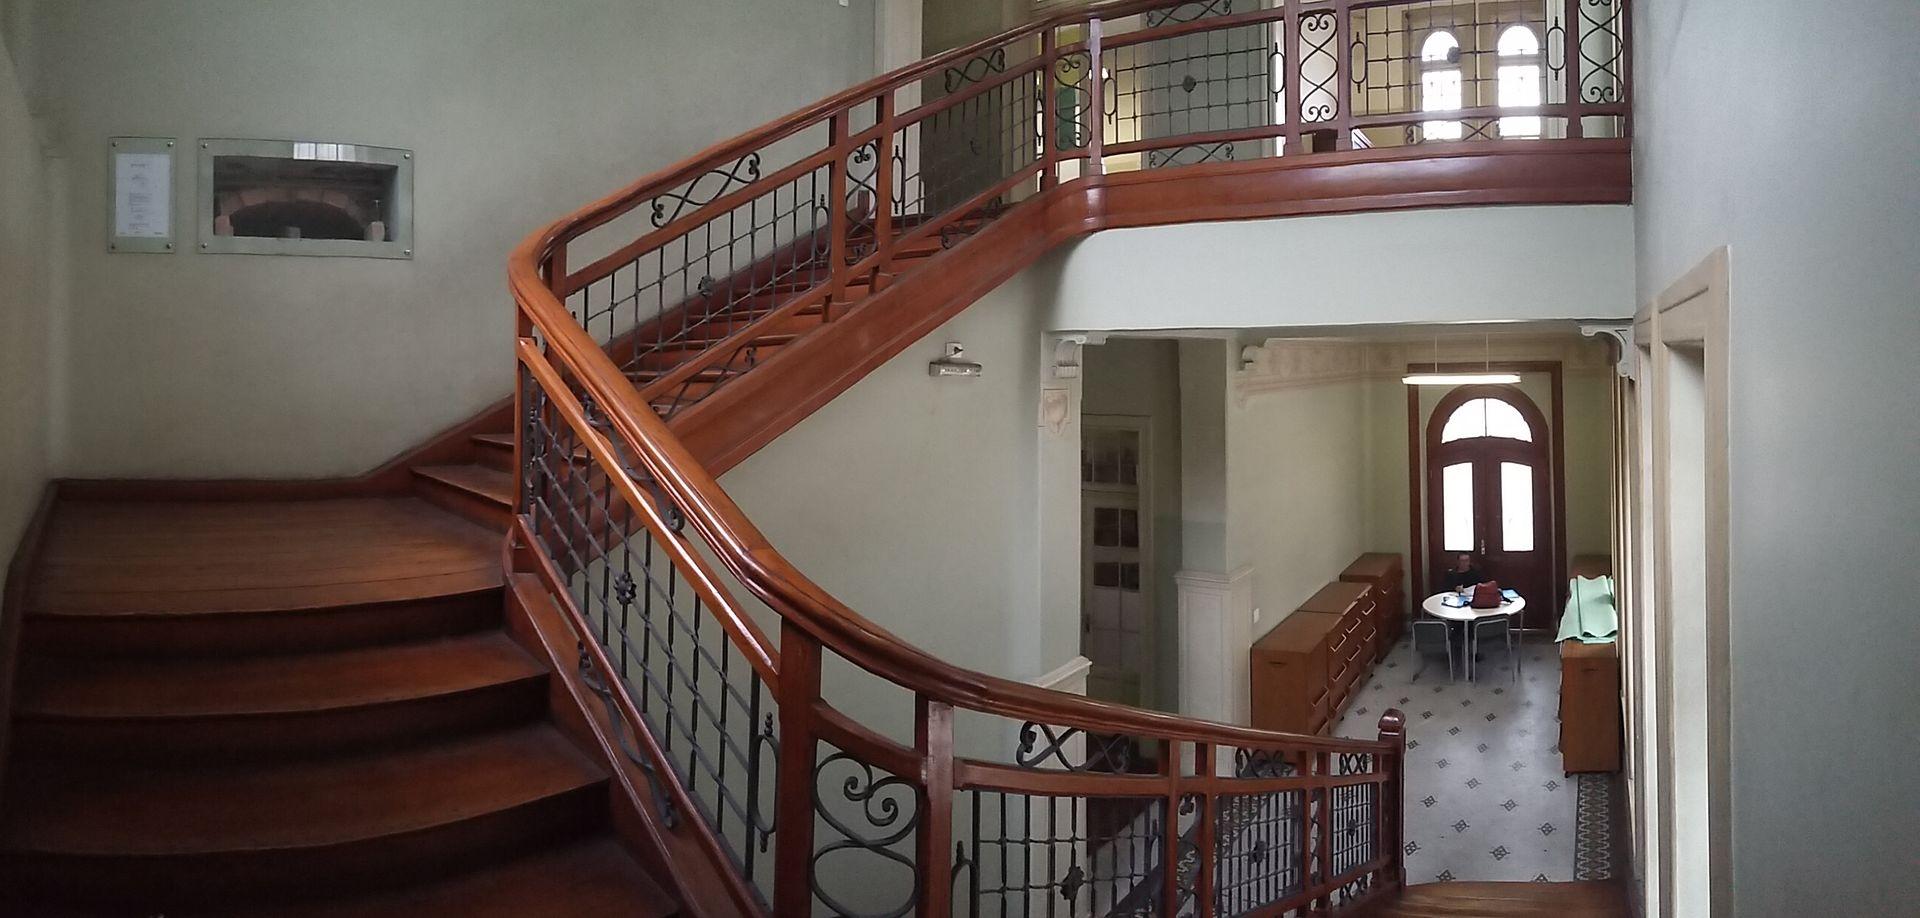 Escada esquerda da Escola Estadual Rodrigues Alves, em São Paulo (SP), Brasil / Foto : Caroline Oliveira